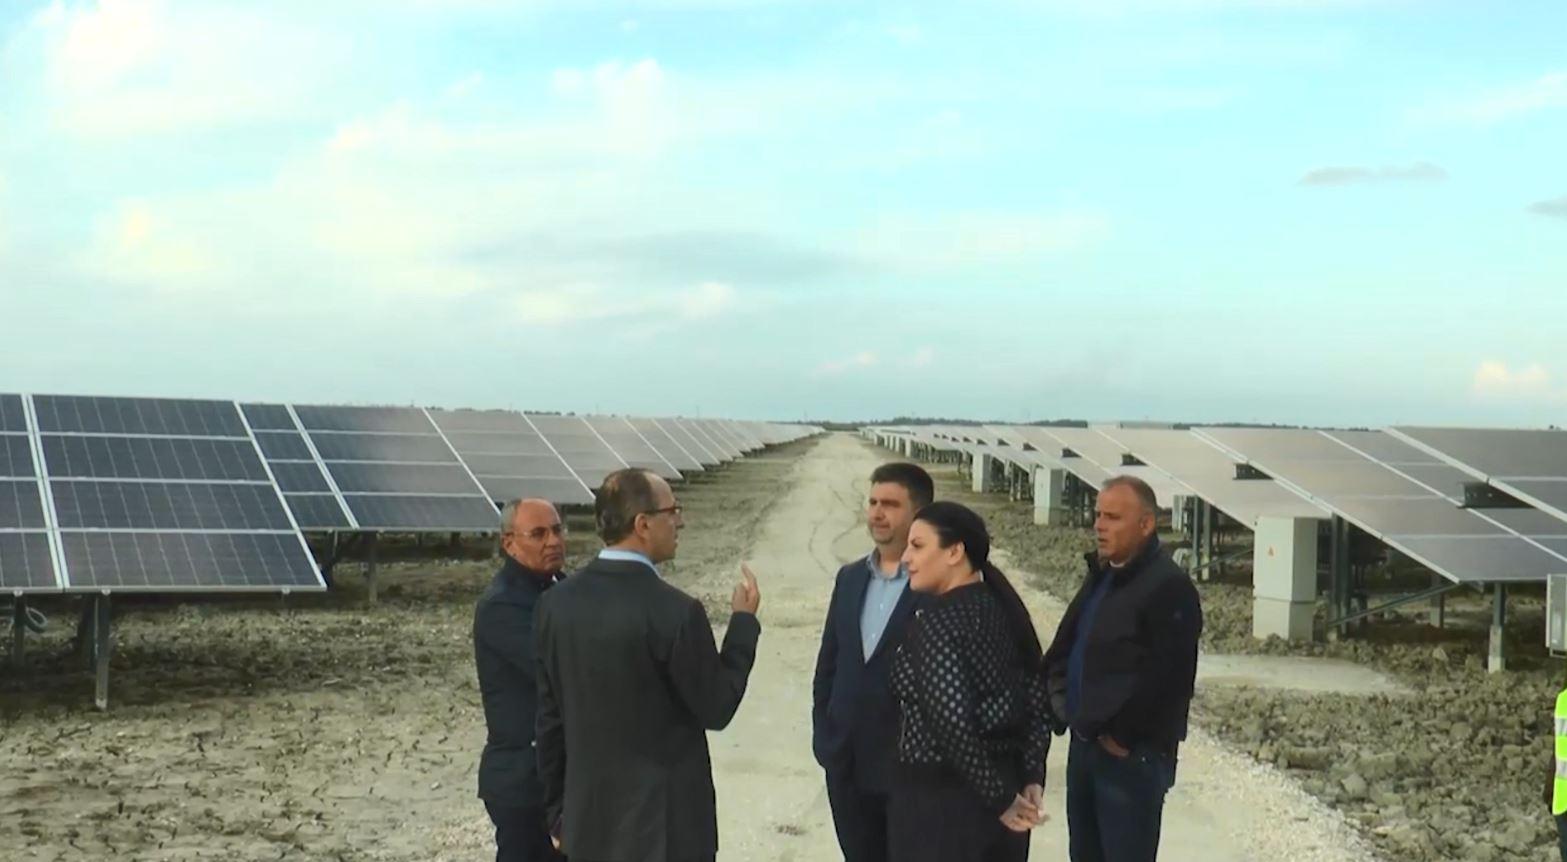 Balluku inspekton Parkun Fotovoltaik në Fier